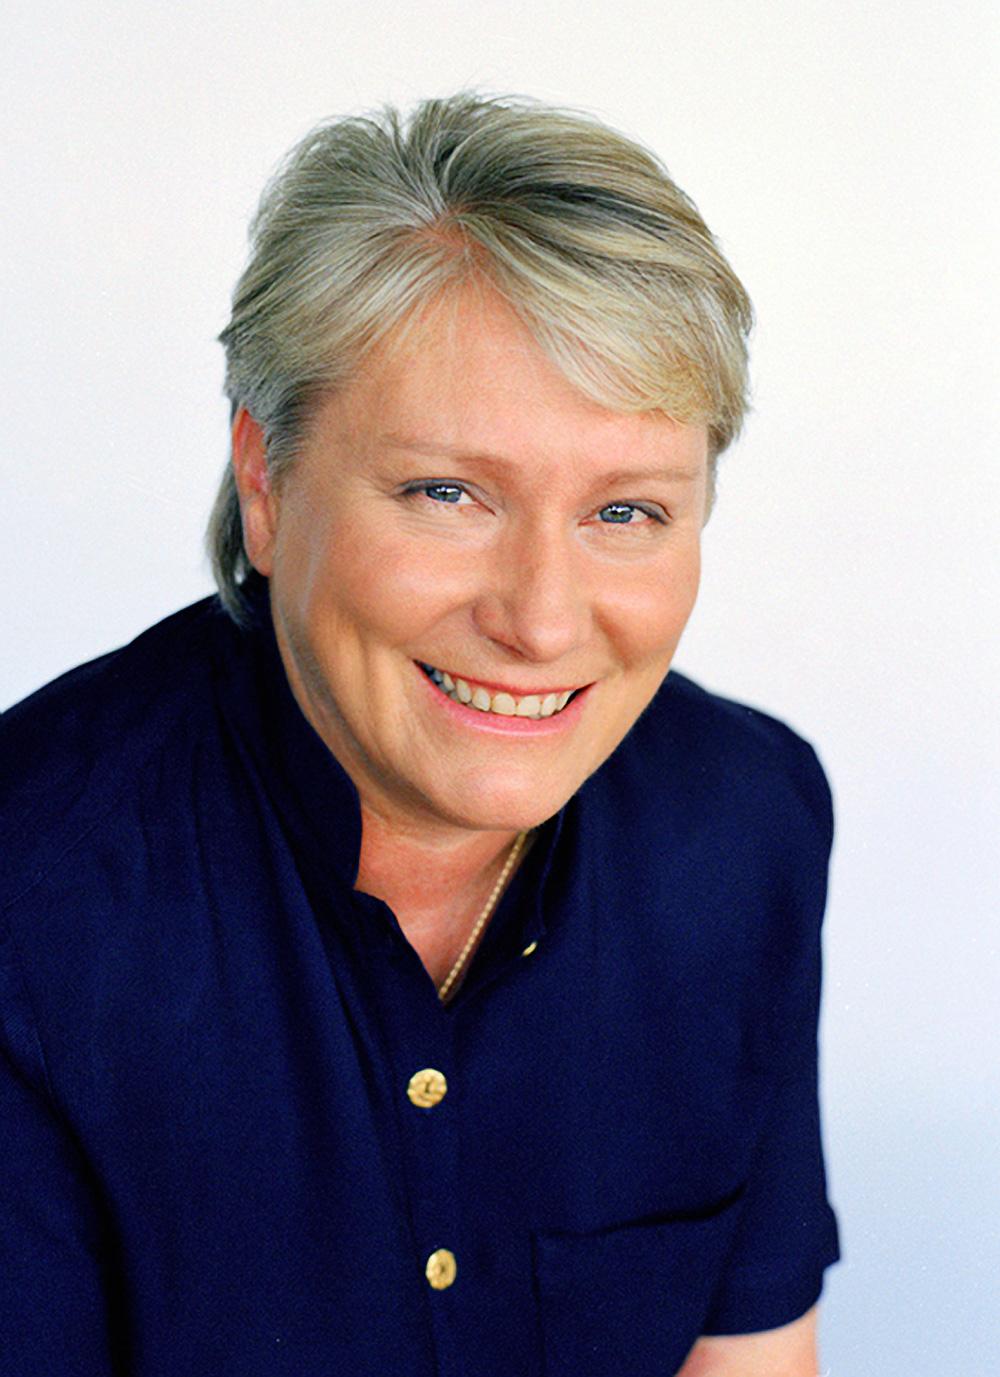 Raelene-Boyle-Portrait.jpg